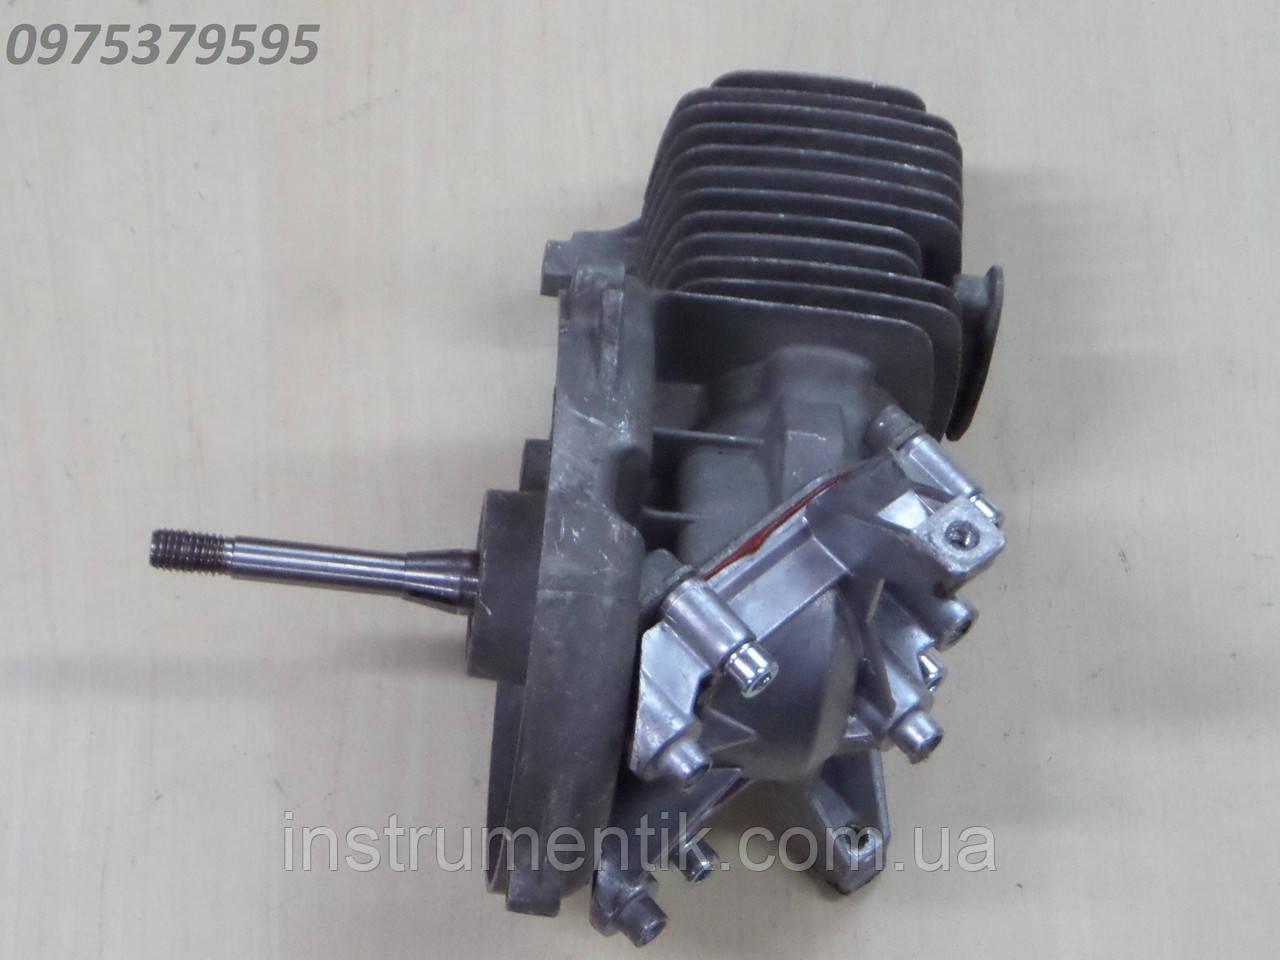 Двигатель для Oleo-Mac Sparta 25,EFCO Stark 25